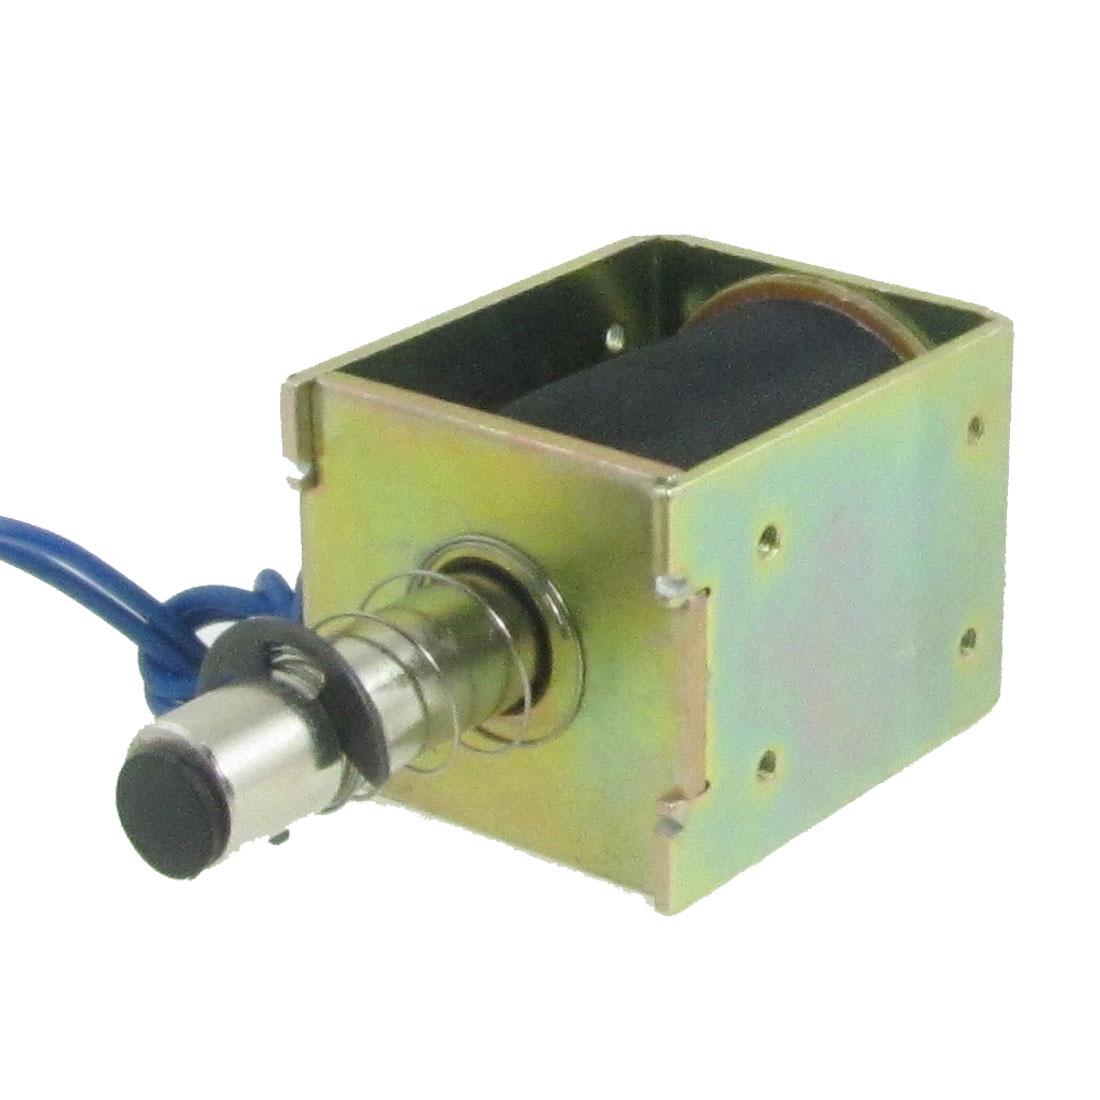 DC 24V 0.48A 18mm 0.015Kg Open Frame Push Type Solenoid Electromagnet